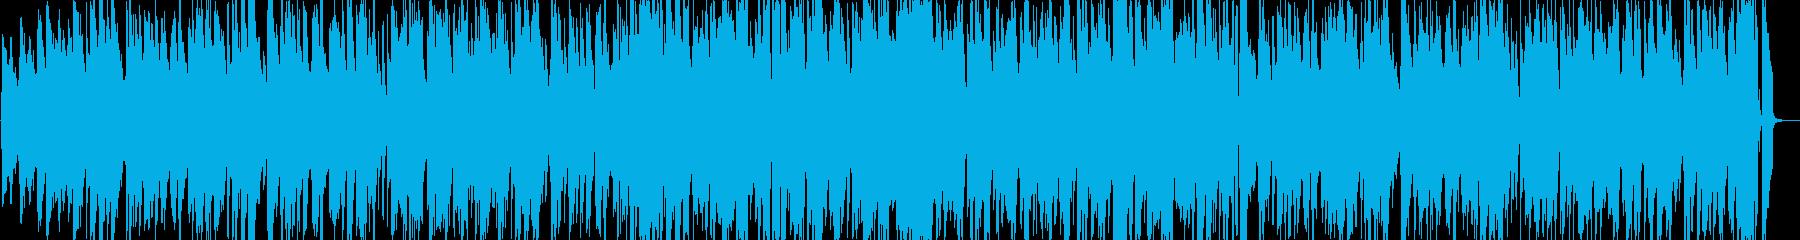 ピアノ・トリオNo.2の再生済みの波形